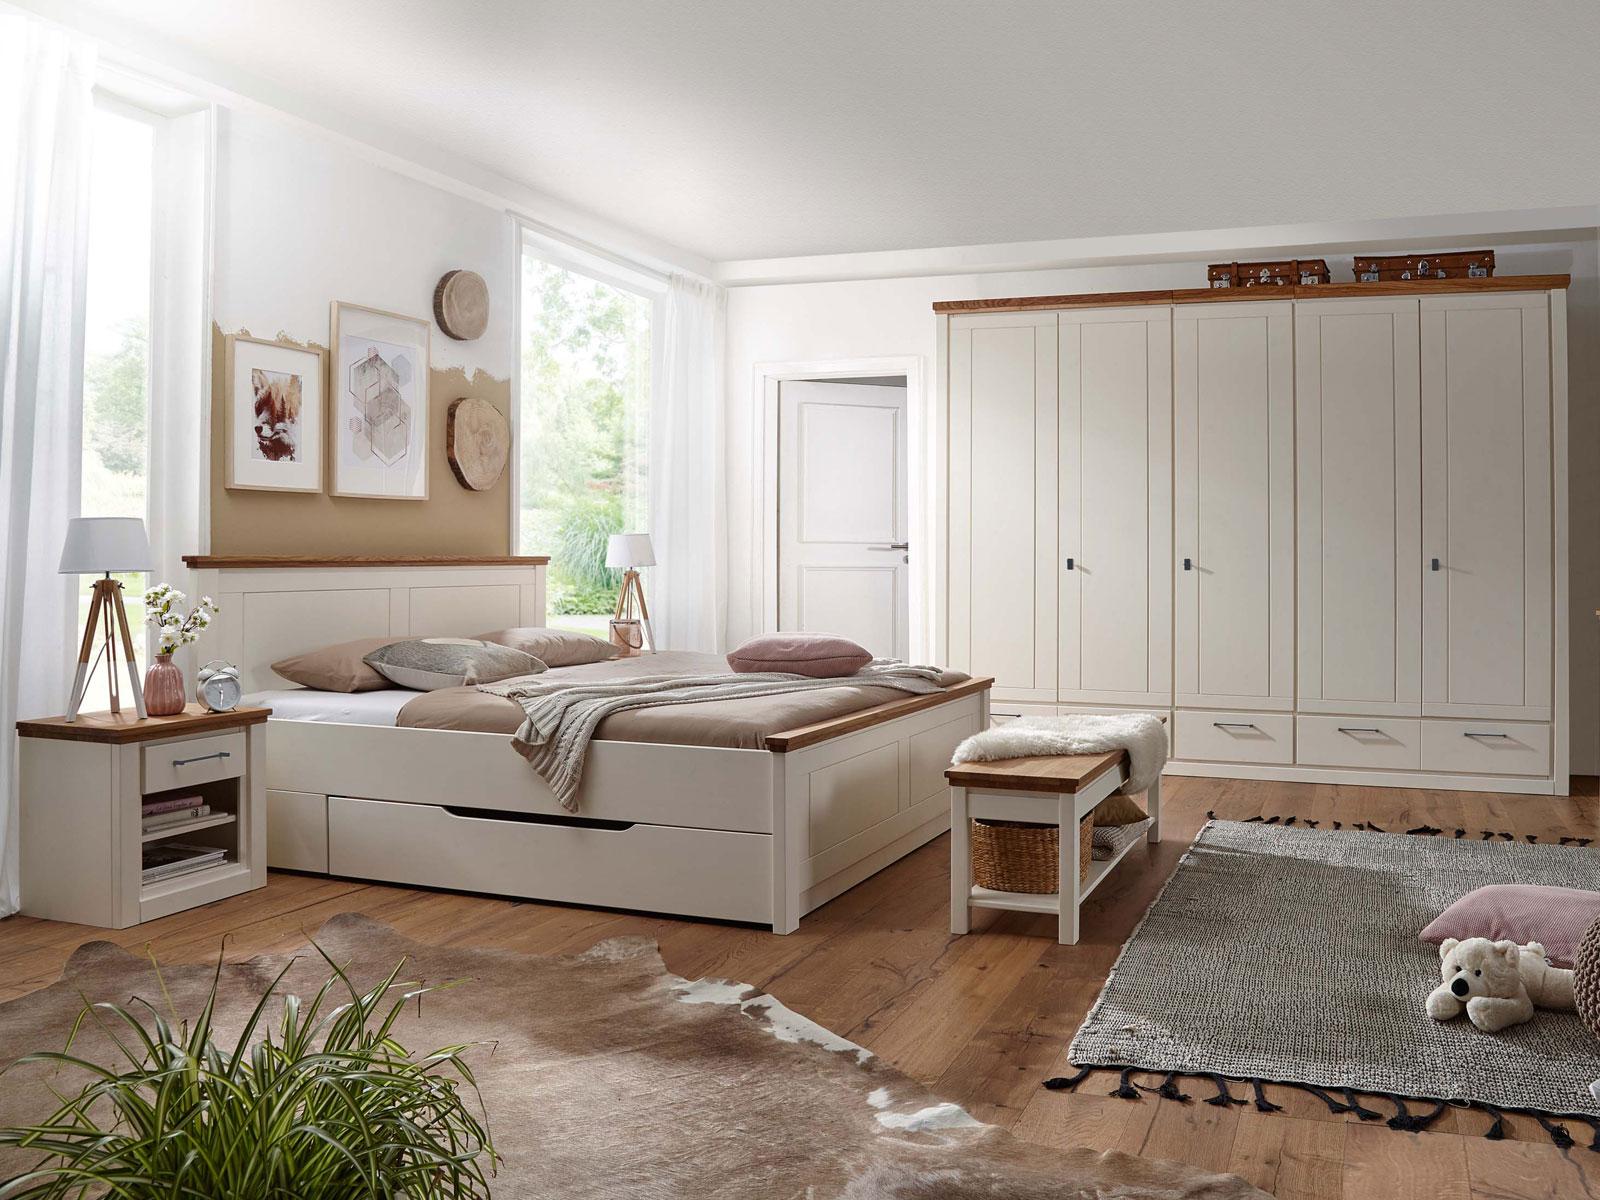 Full Size of Schlafzimmer Komplett Provence Bett Kleiderschrank Nachtschrank Kommoden 160x200 Truhe Betten Wandbilder Sessel Wohnzimmer Wiemann Teppich Eckschrank Schränke Wohnzimmer Schlafzimmer Komplett